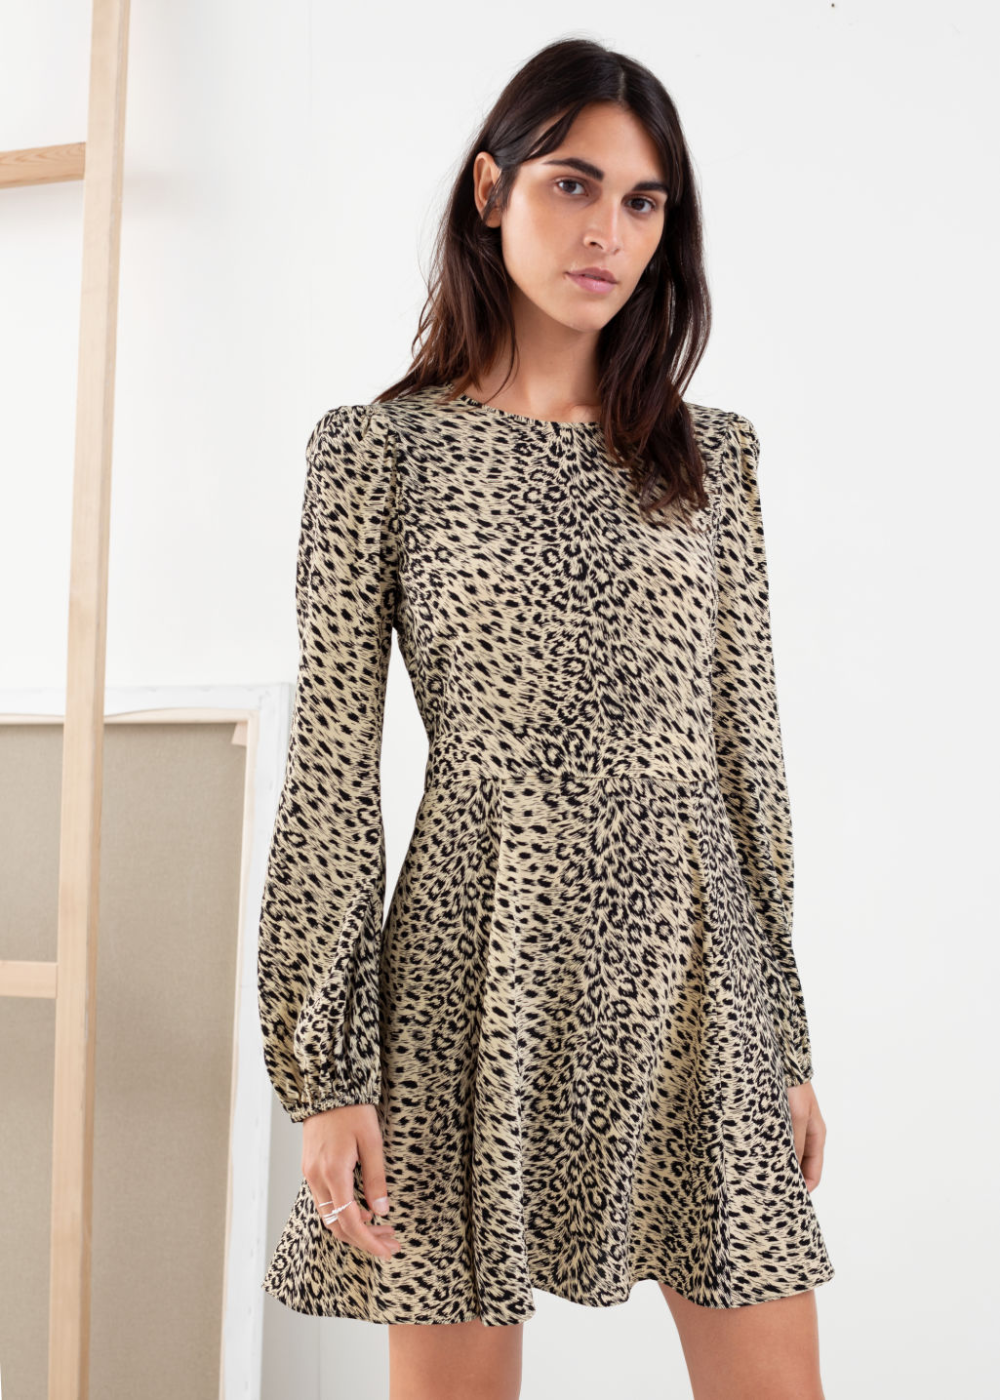 Flowy Leopard Print Mini Dress Printed Mini Dress Leopard Print Dress Mini Dress [ 1400 x 1000 Pixel ]